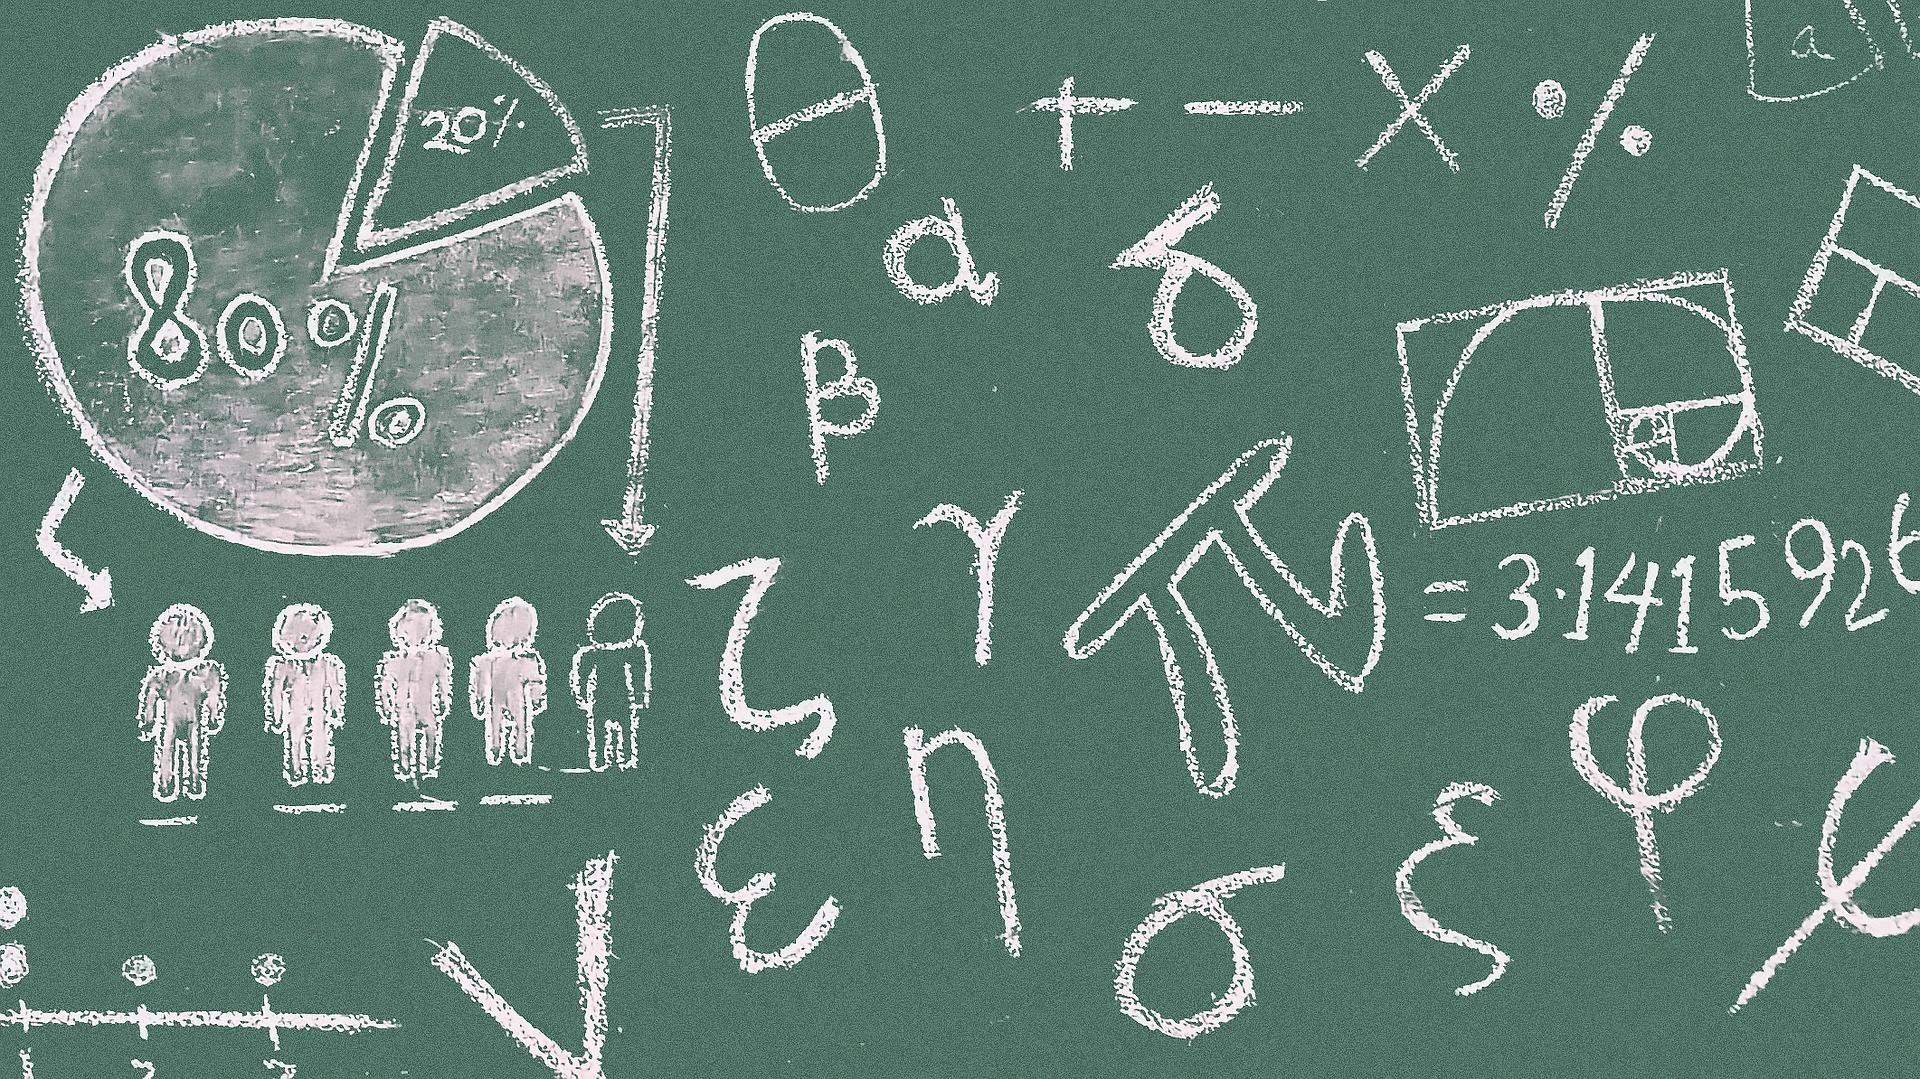 医学部受験予備校メディカルラボの評価と学費について